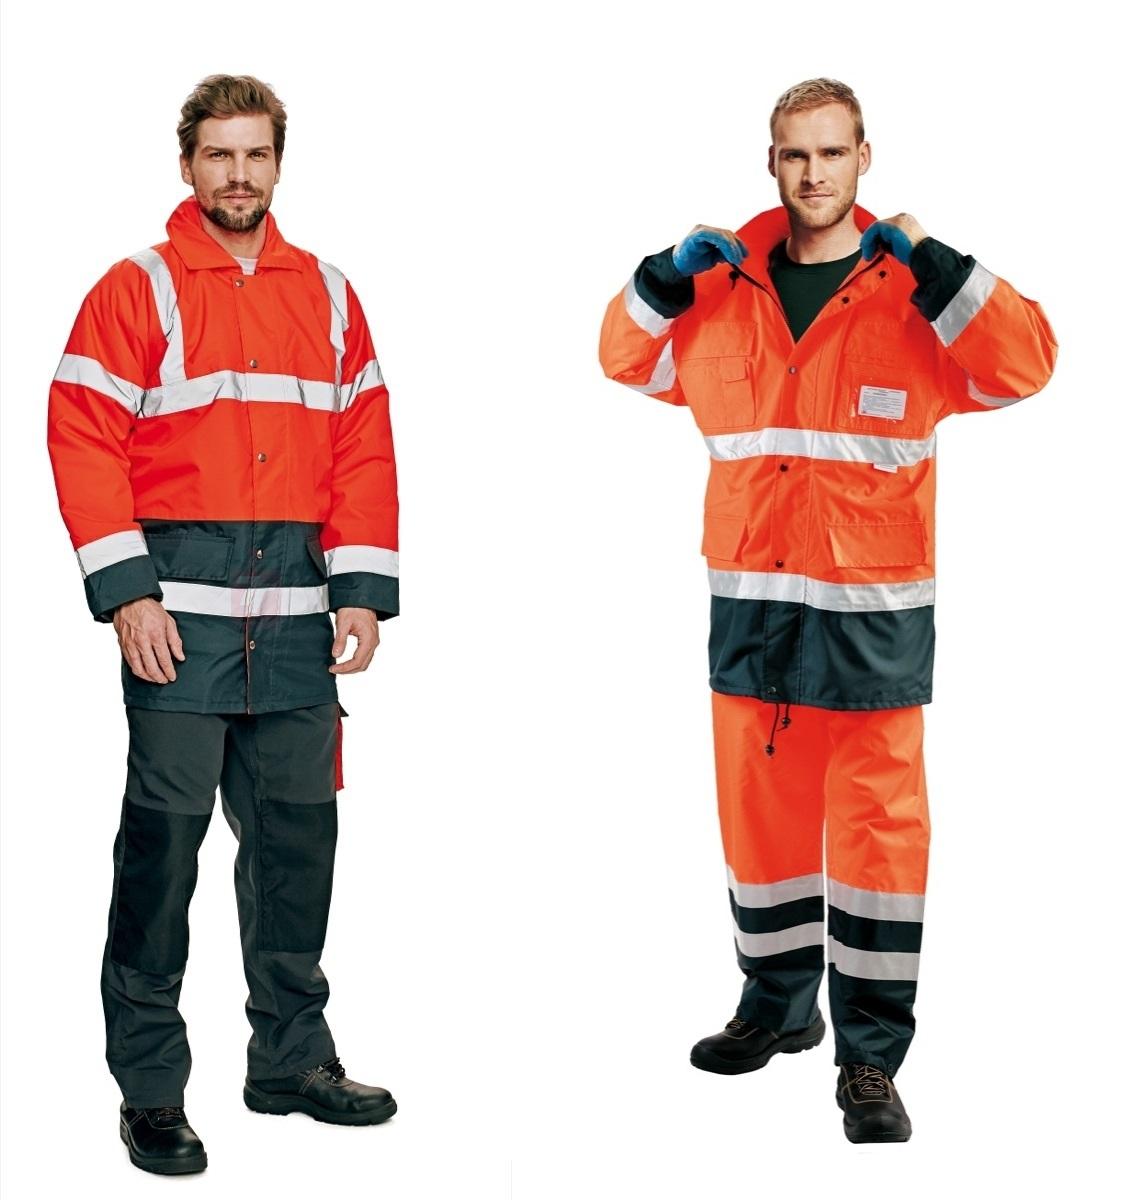 Poradíme, jakou zimní výbavu vybrat pro různé profese